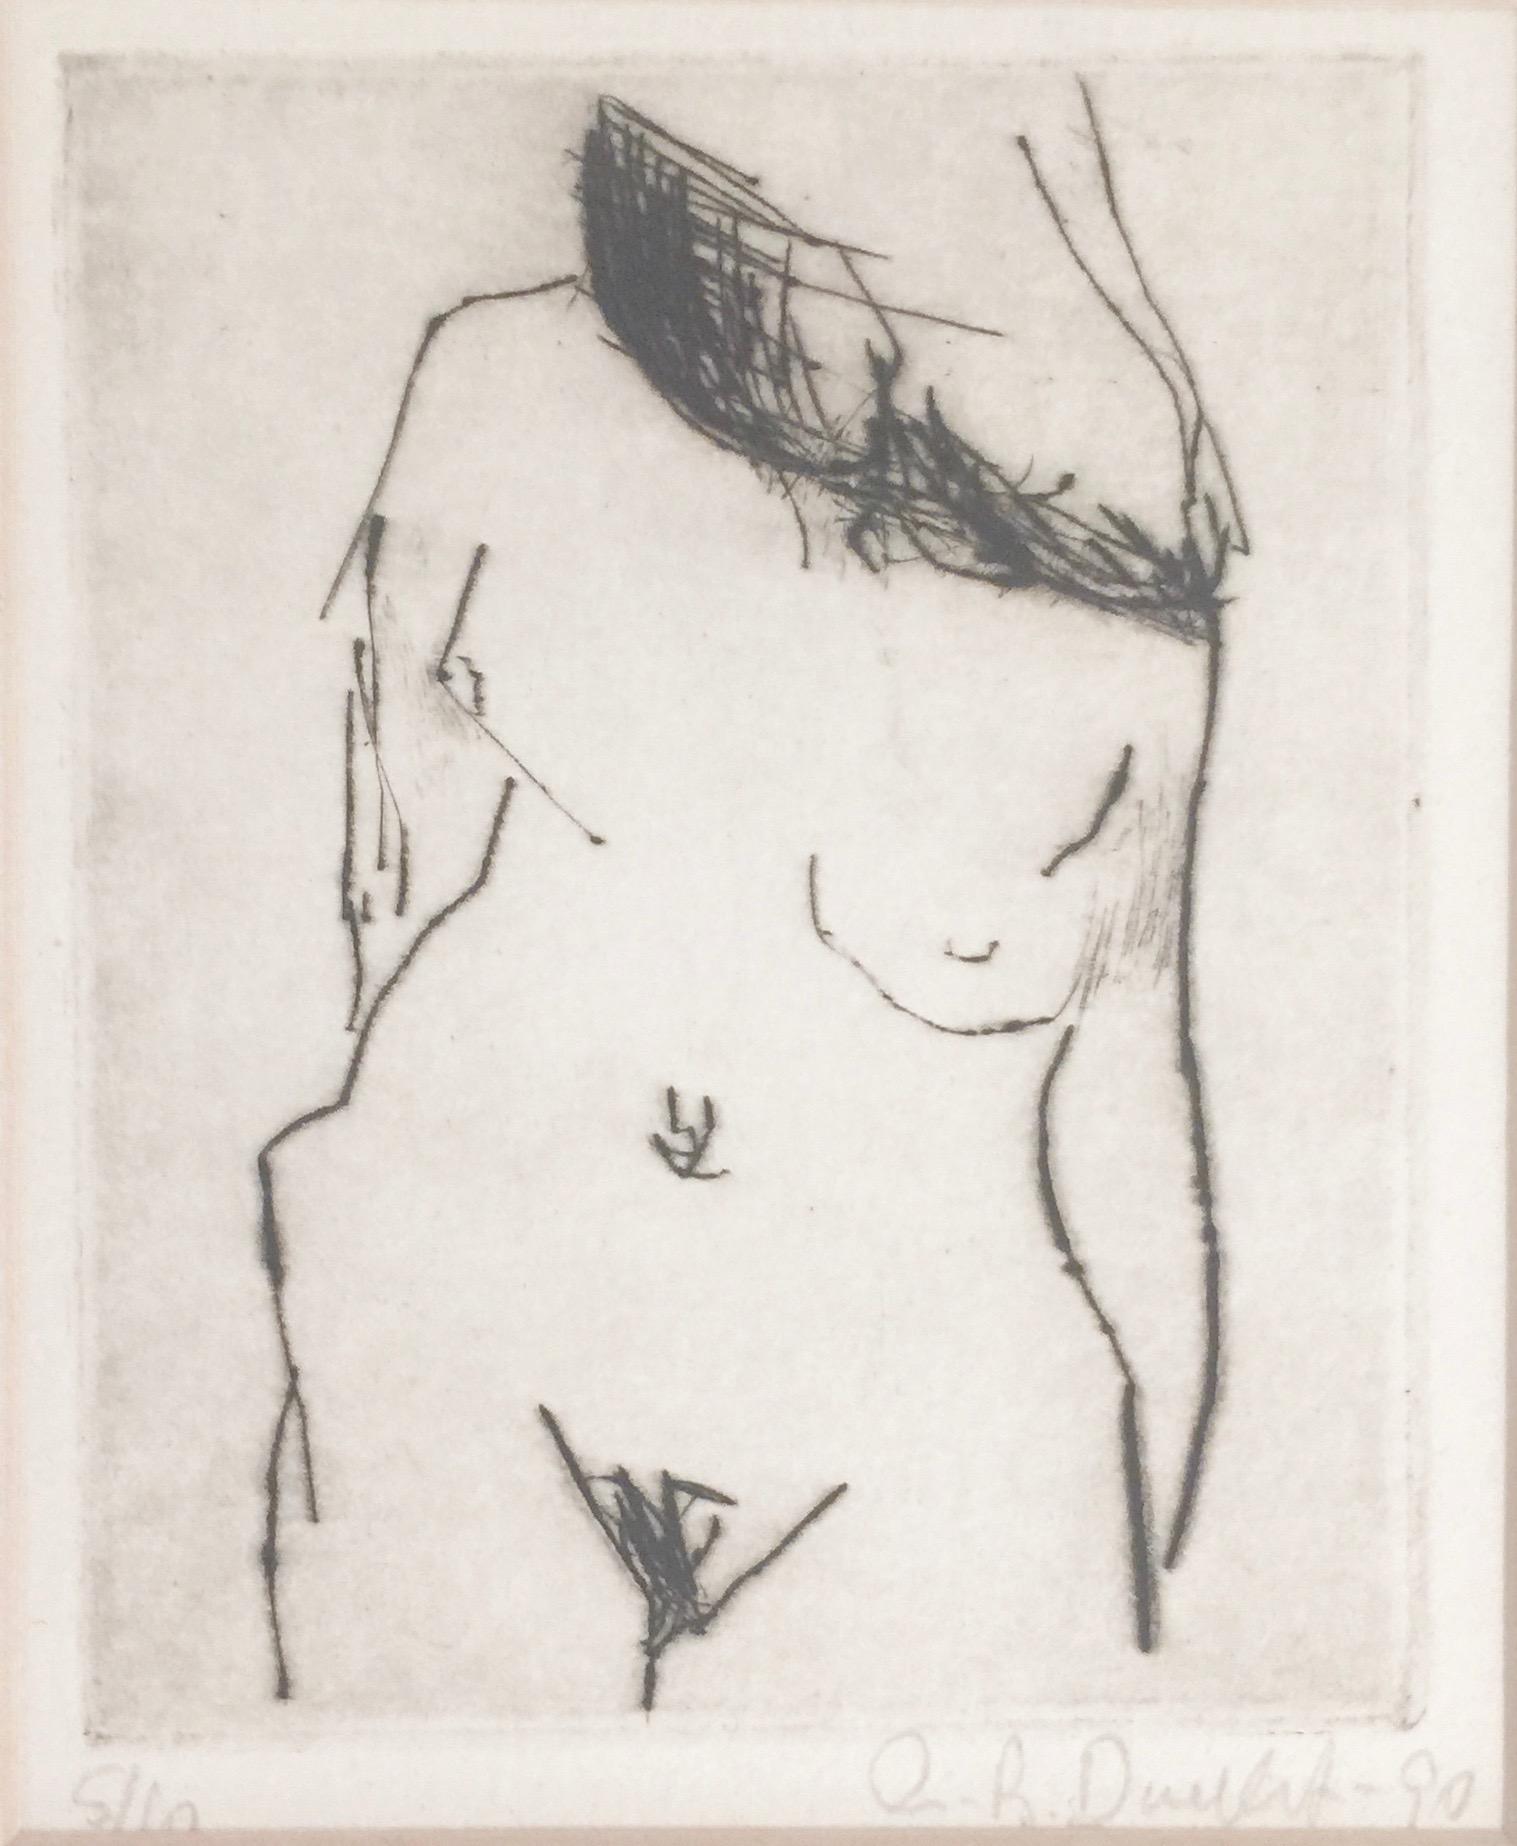 Angela Brignone Duckert - Nude no 1